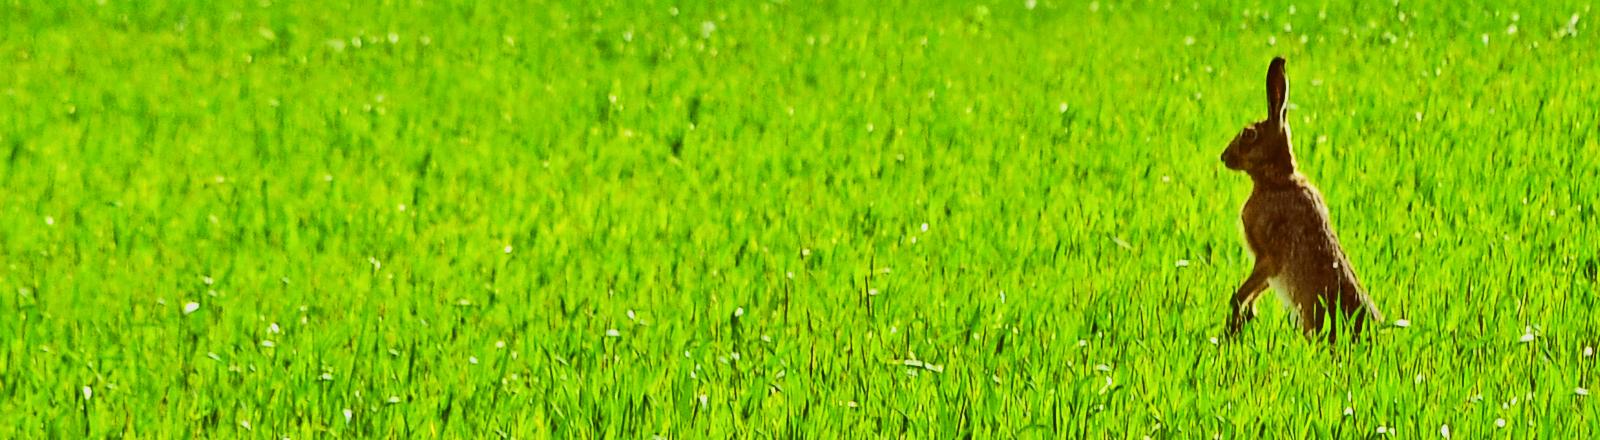 Ein Hase stellt sich auf einer grünen Wiese auf die Hinterbeine um sich einen Überblick zu verschaffen.